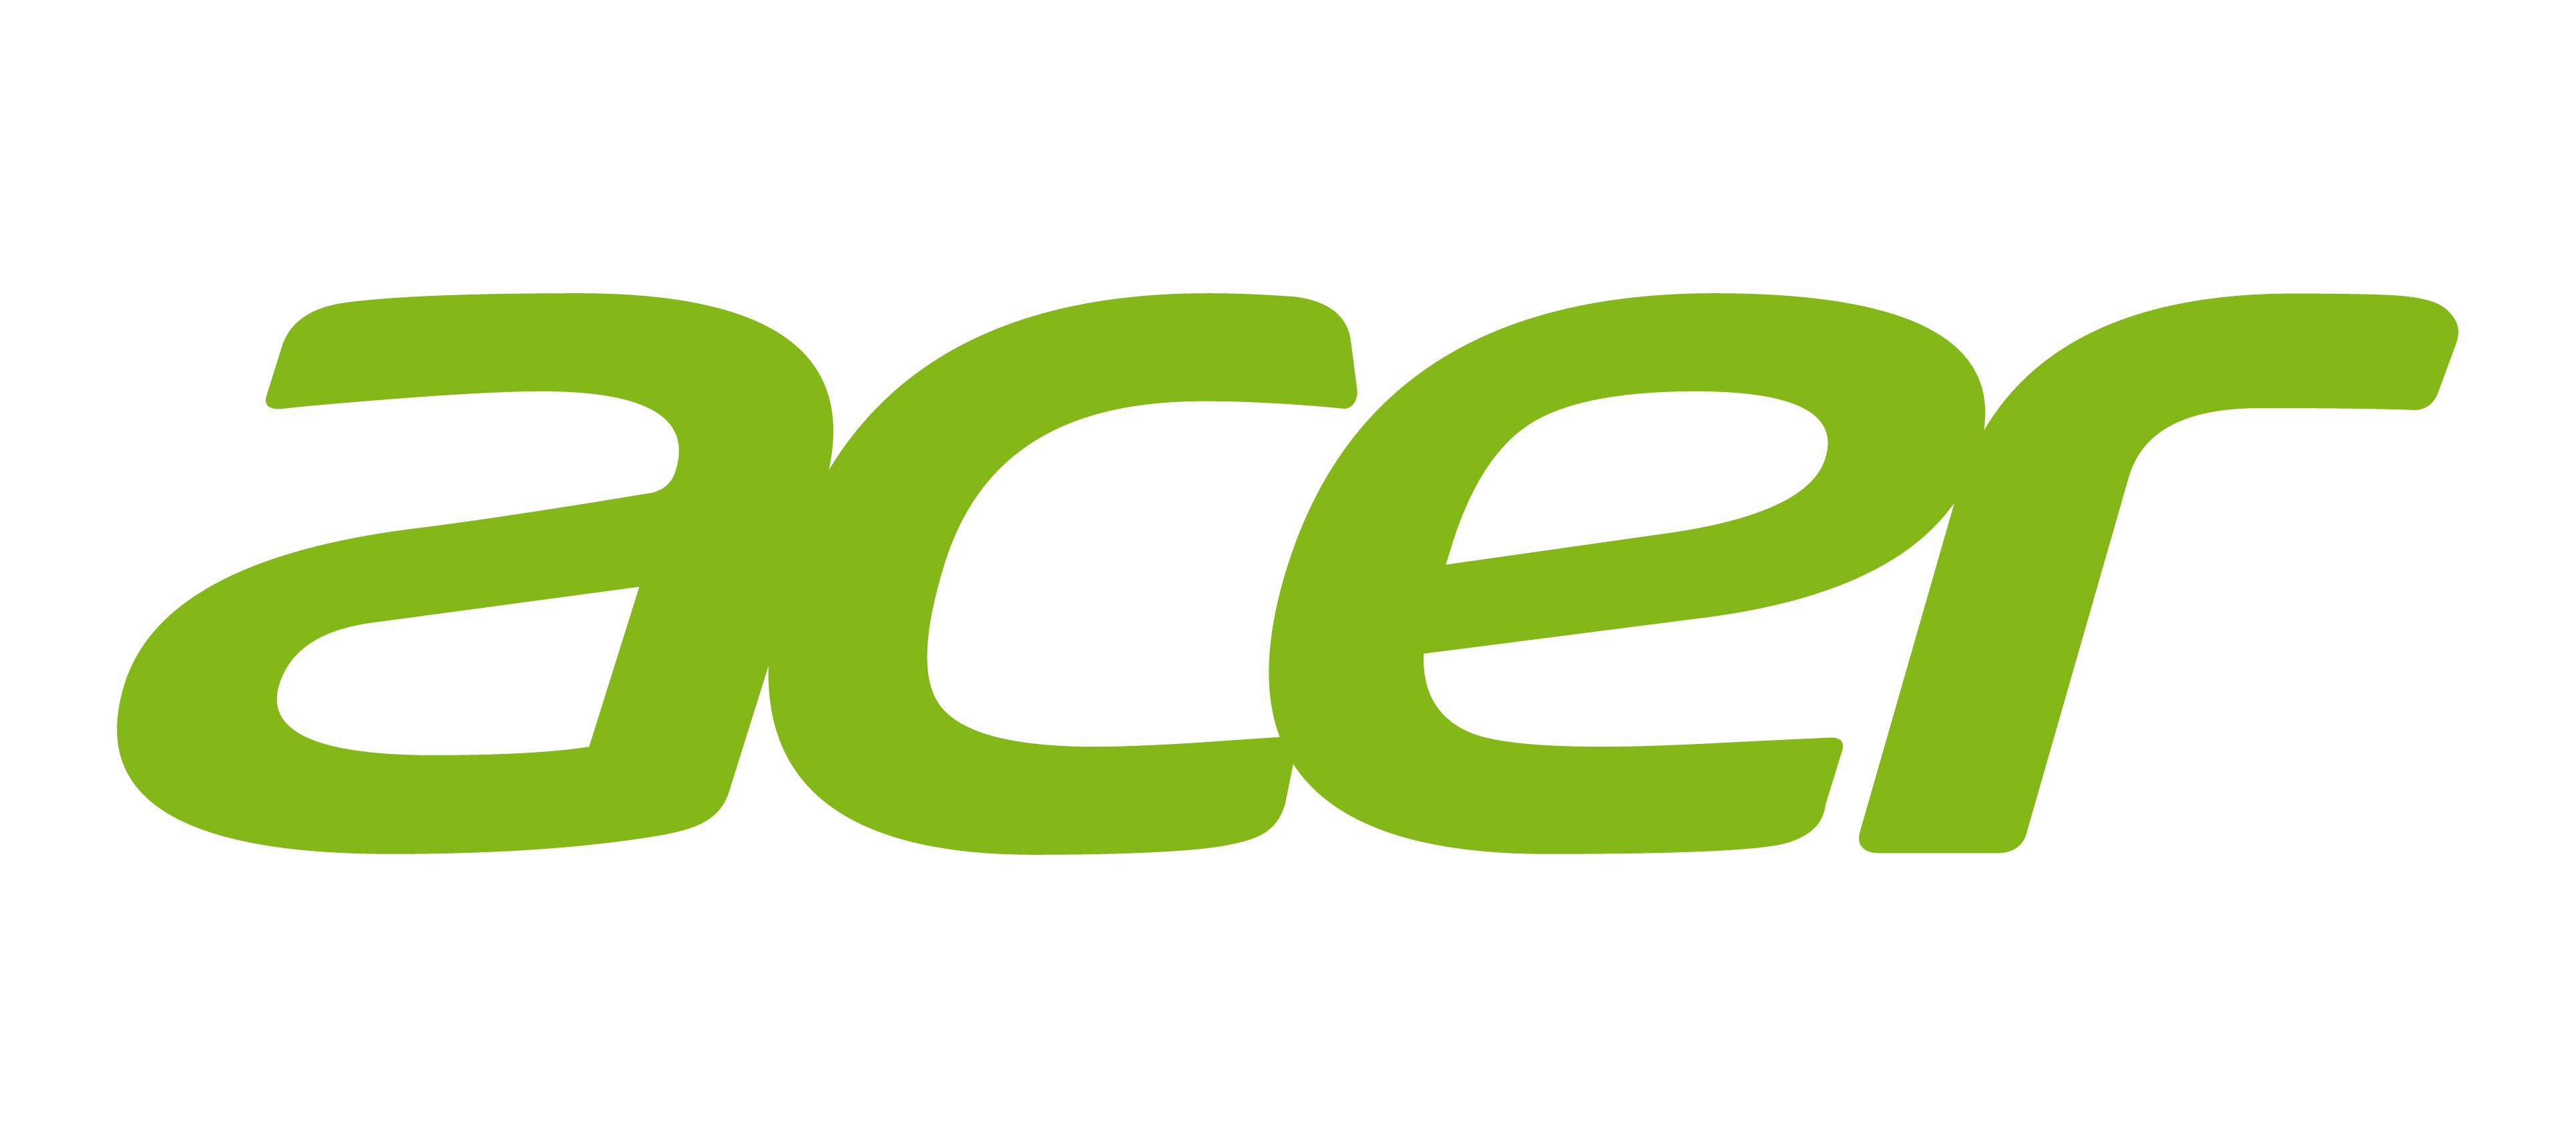 Acer bei Tablets optimistisch für 2013